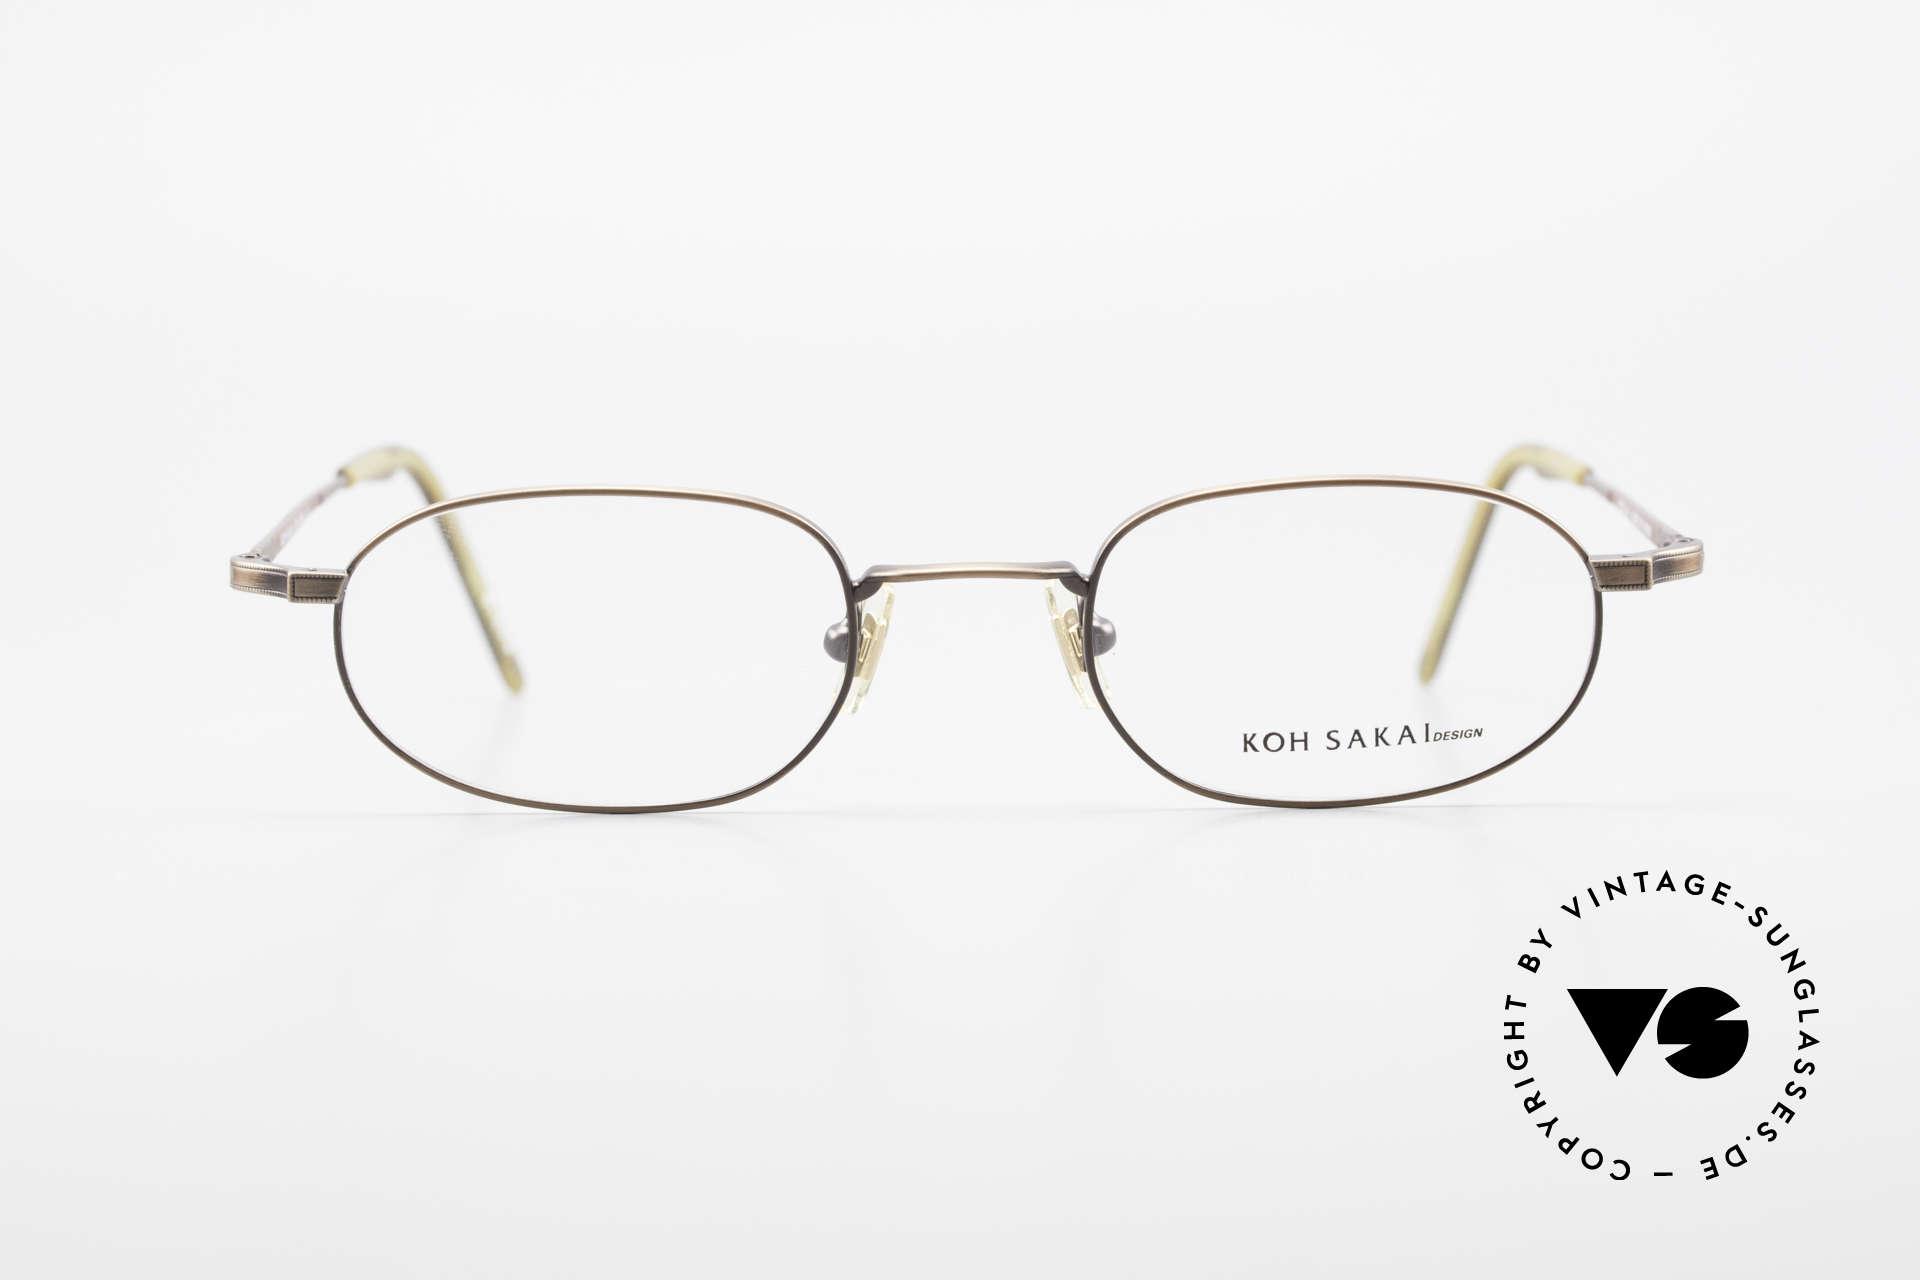 Koh Sakai KS9706 Original Made in Japan Frame, Size: medium, Made for Men and Women